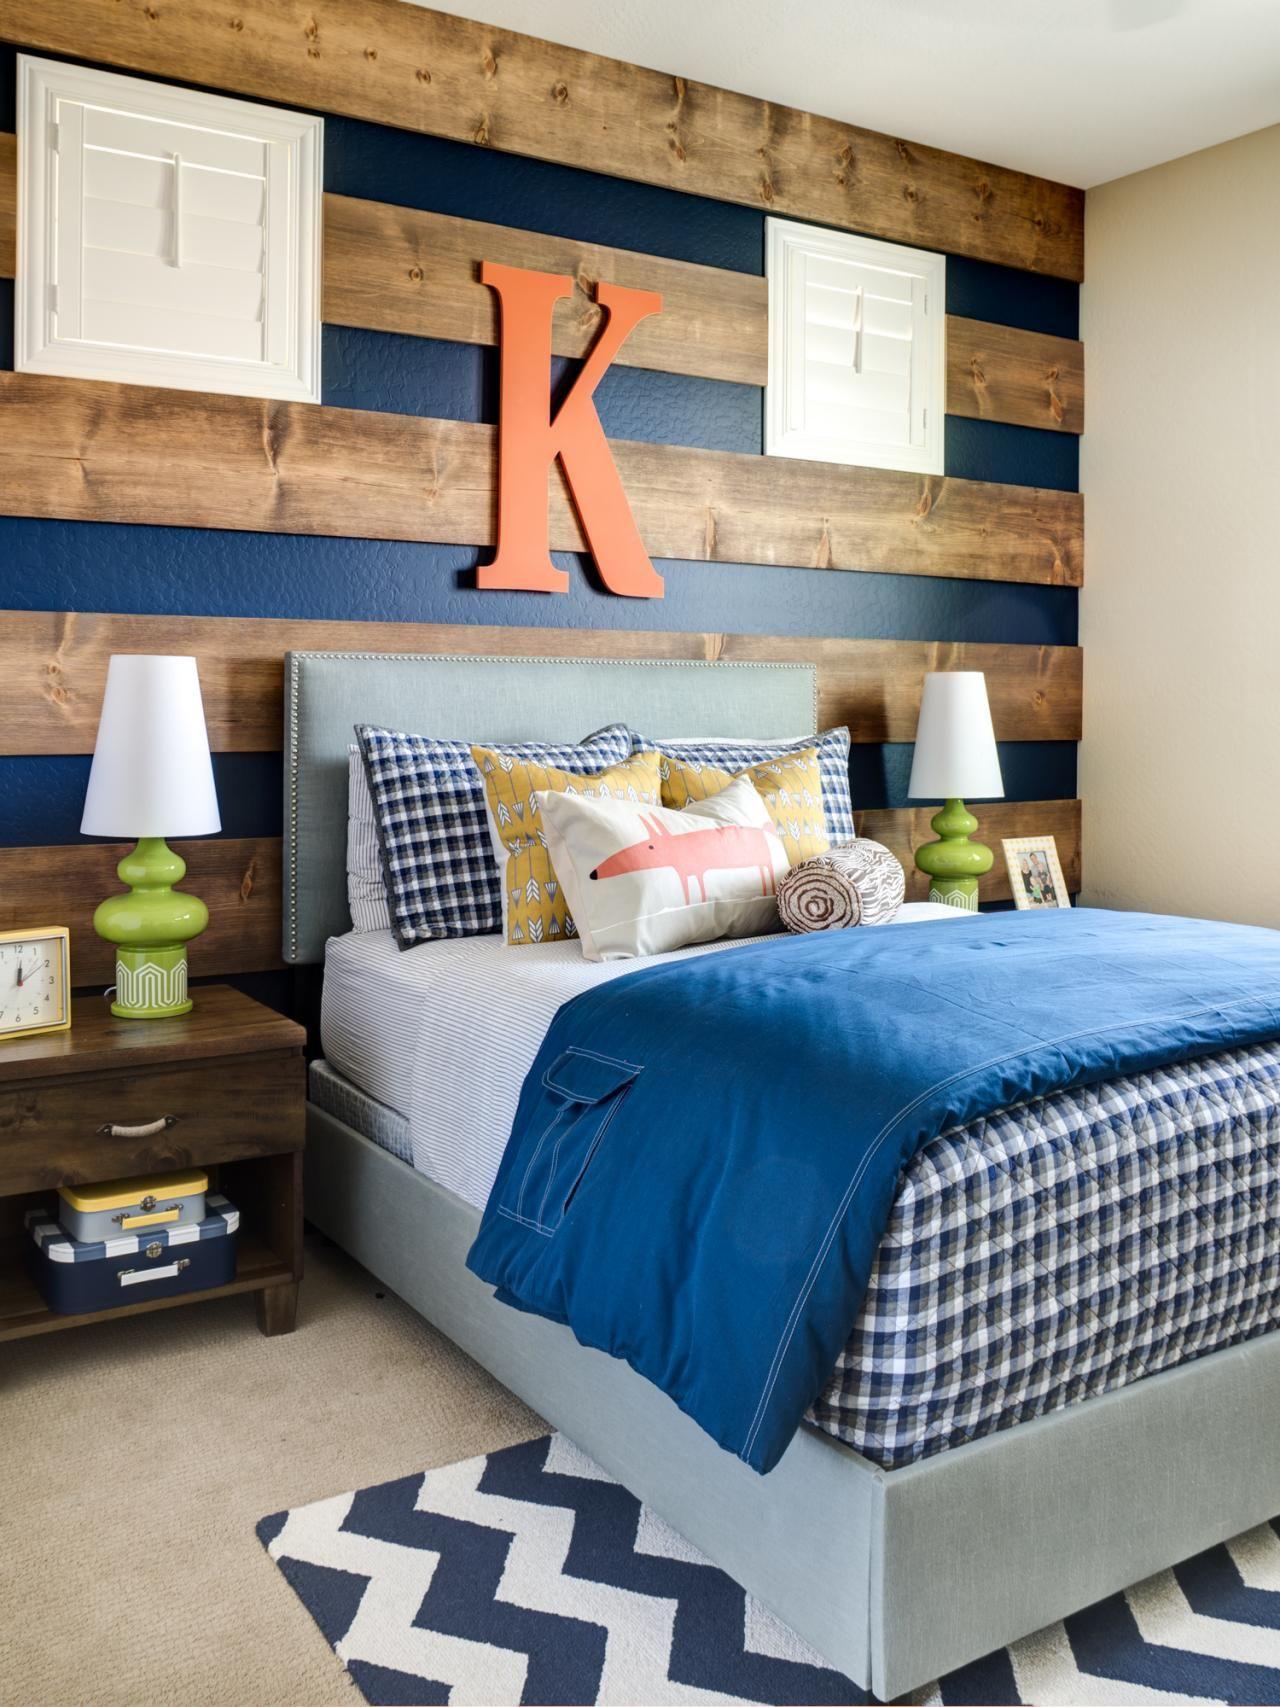 Best Kitchen Gallery: Handsome 4yr Old Boy Bedroom Ideas Bedrooms Ideas Boy Bedroom 2016 of Boys Bedroom Design  on rachelxblog.com